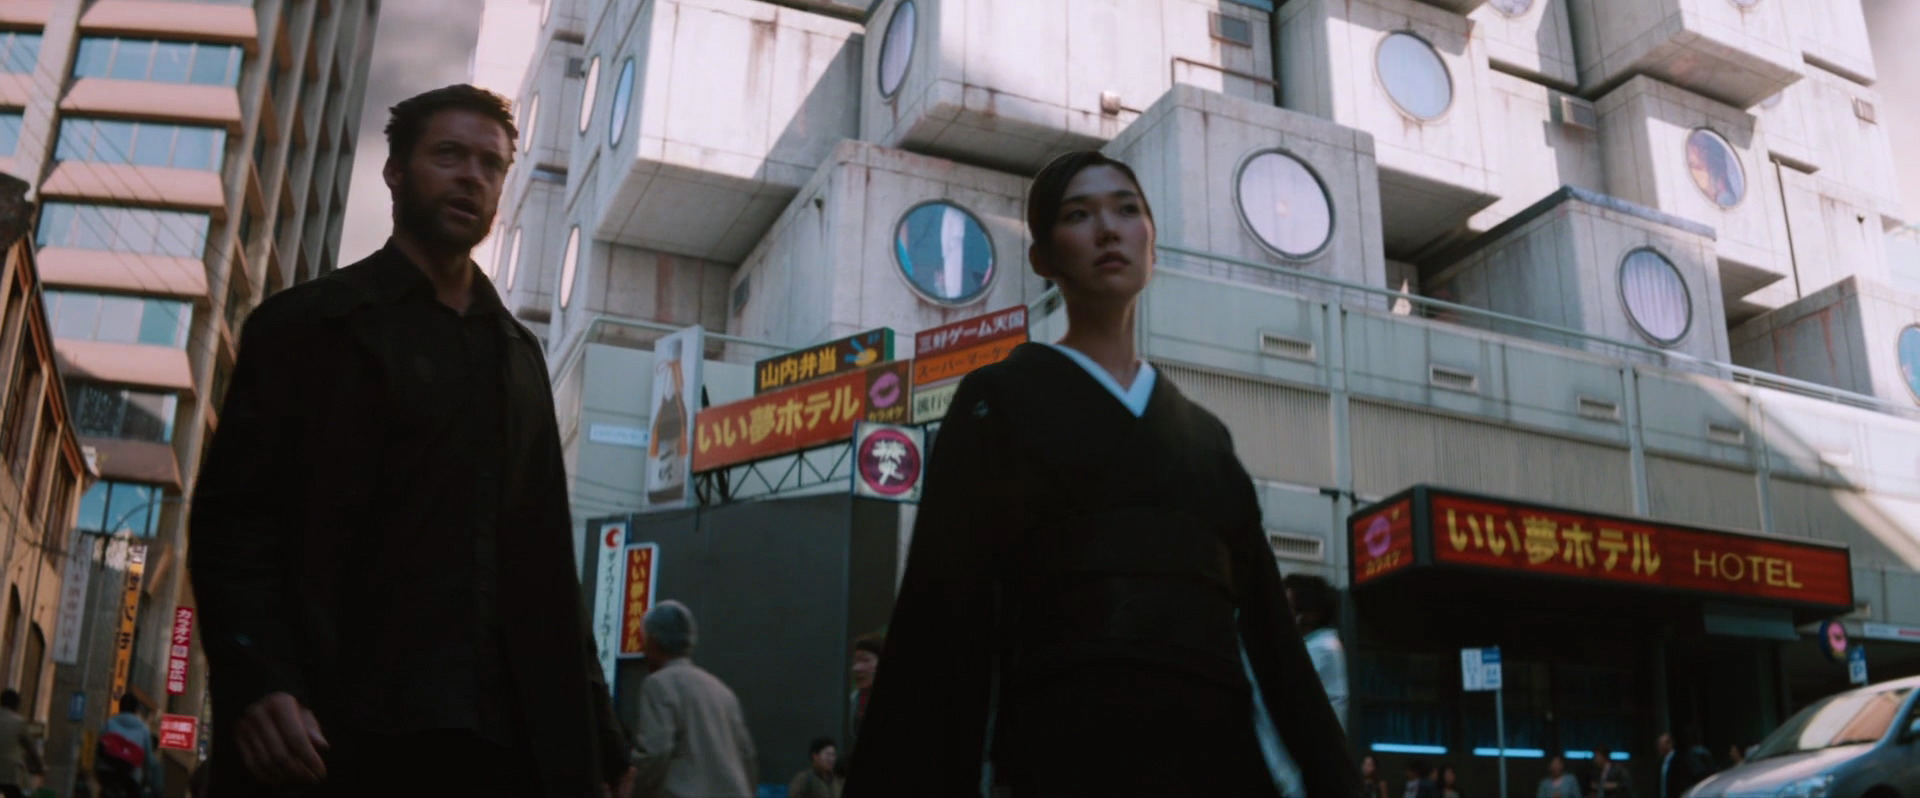 Love Hotel | X-Men Movies Wiki | Fandom